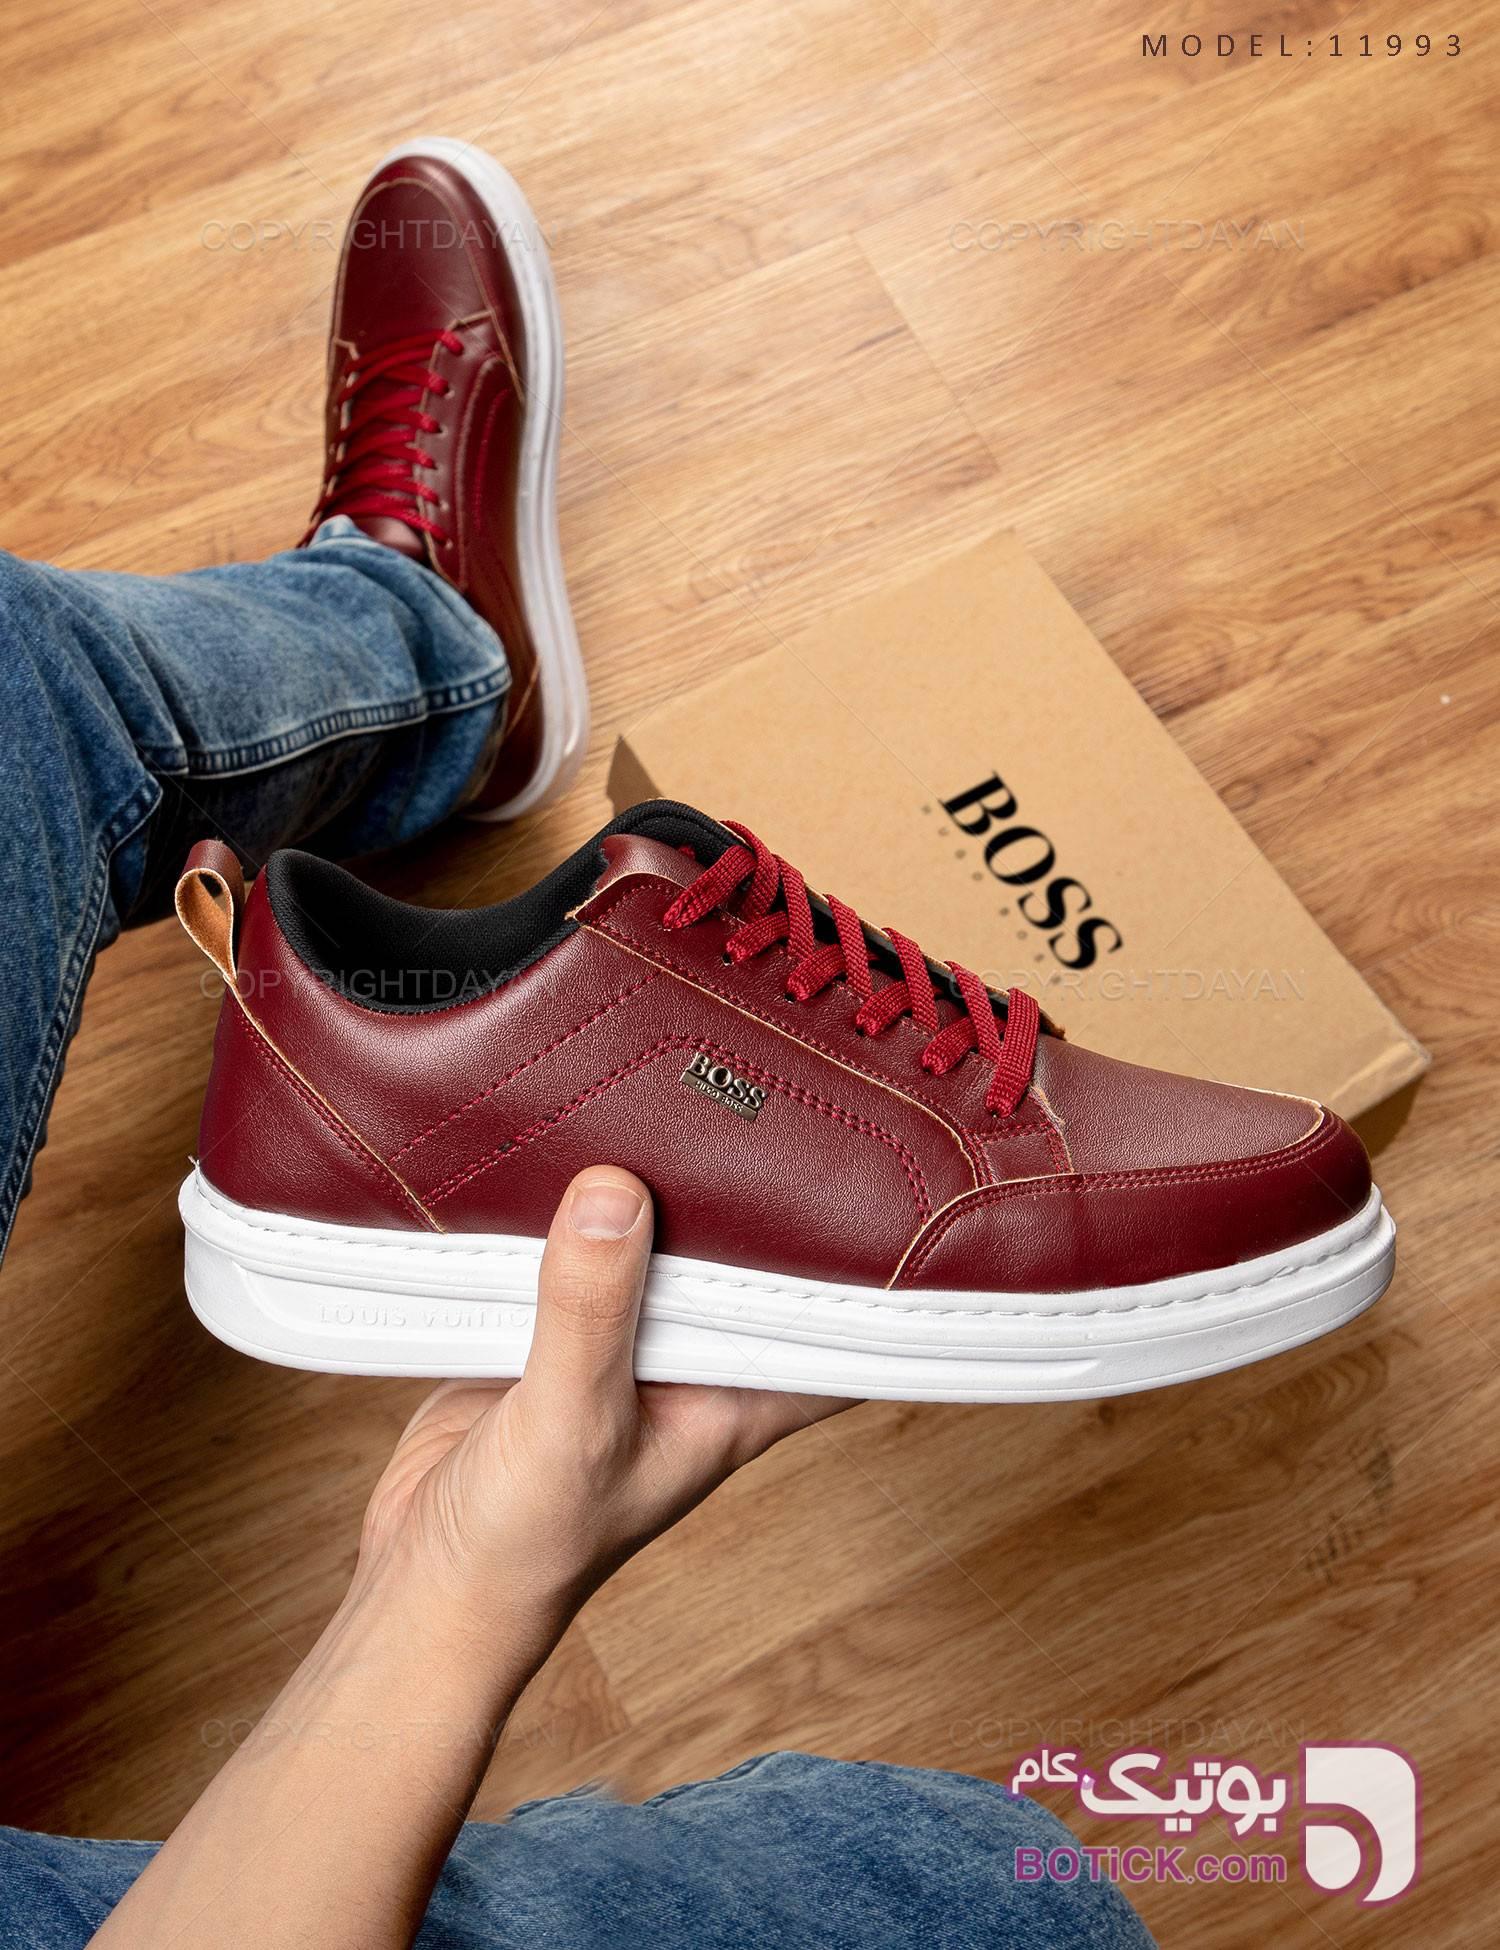 کفش مردانه Boss مدل 11993 زرشکی كتانی مردانه